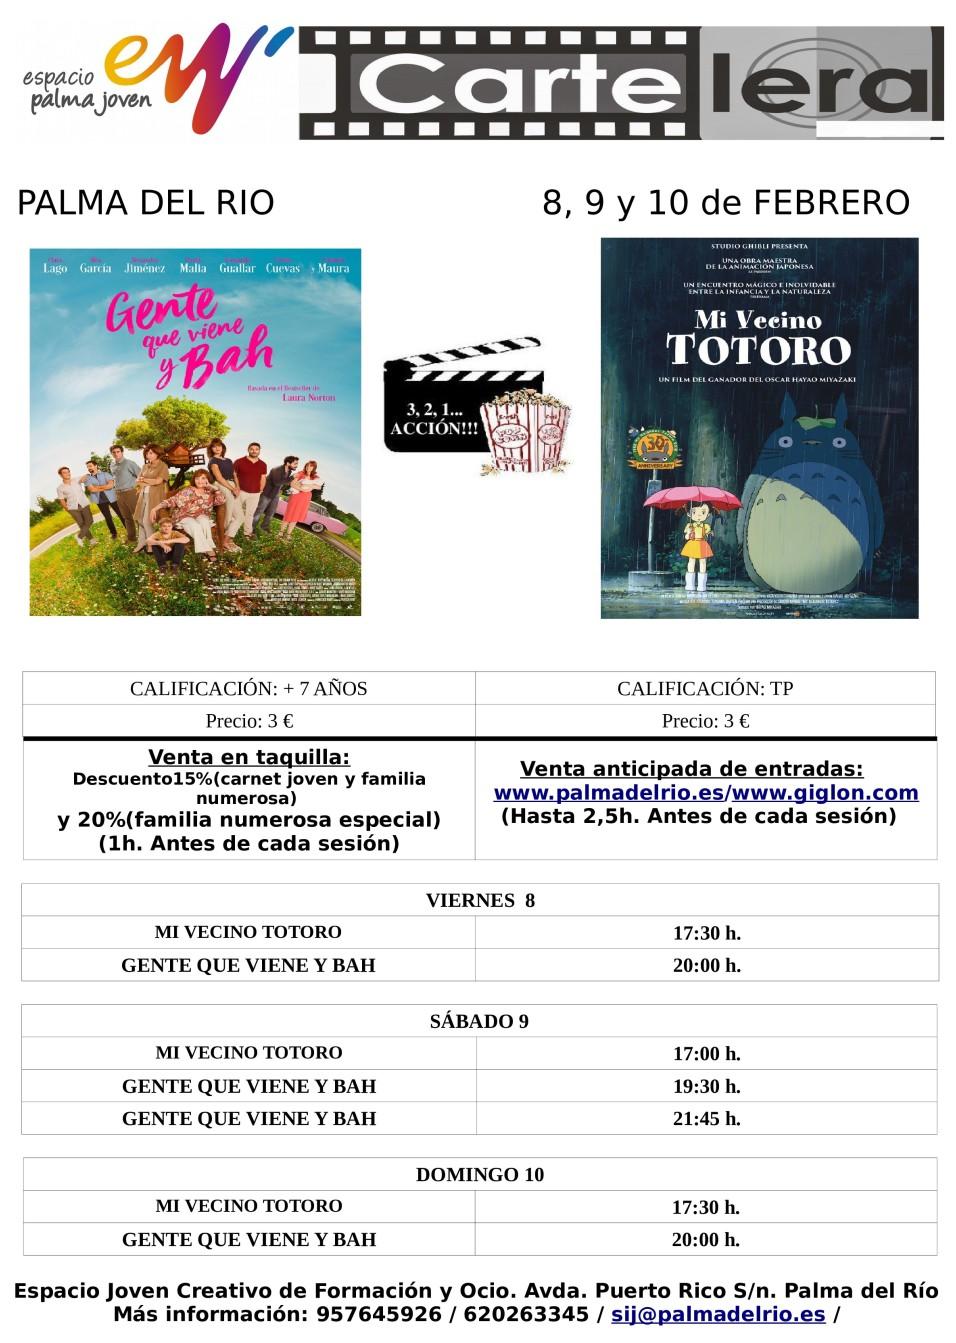 https://www.palmadelrio.es/sites/default/files/cine_25.26.27_enero_2019_0.jpg